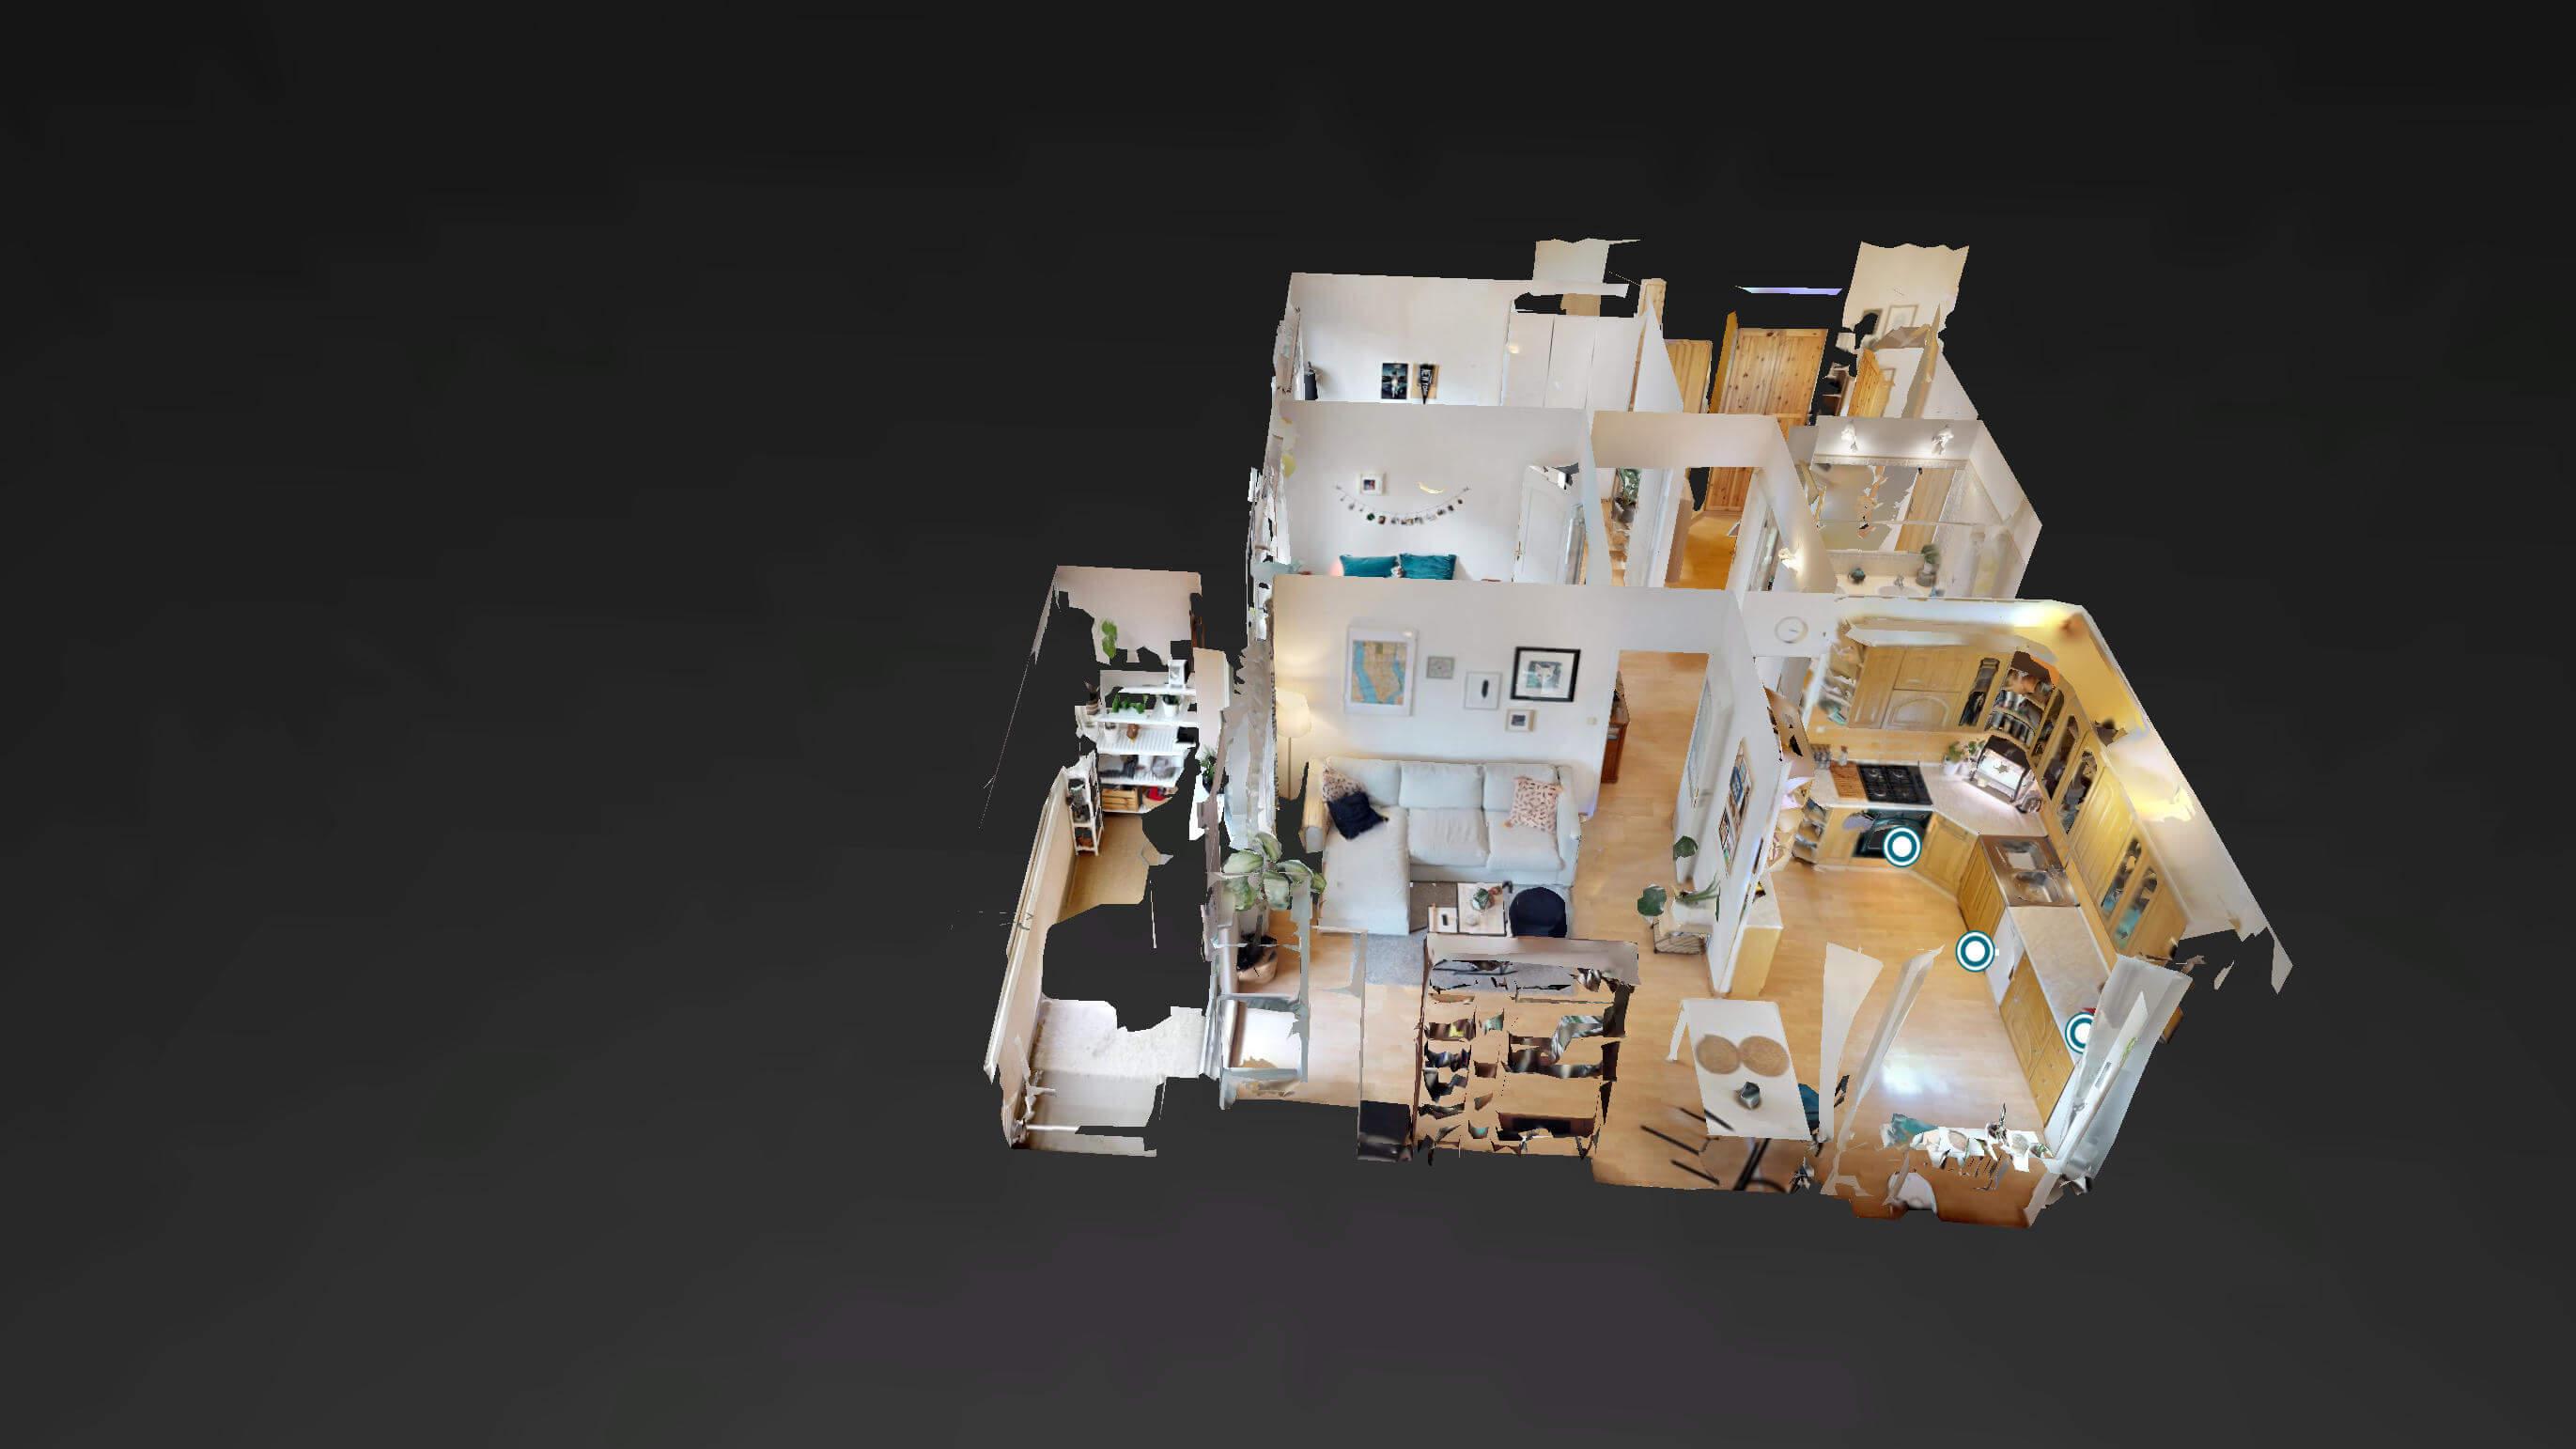 Predané Predaj exkluzívneho 3 izb. bytu,v Ružinove, ulica Palkovičová, blízko Trhoviska Miletičky v Bratislave, 68m2, kompletne zariadený-41